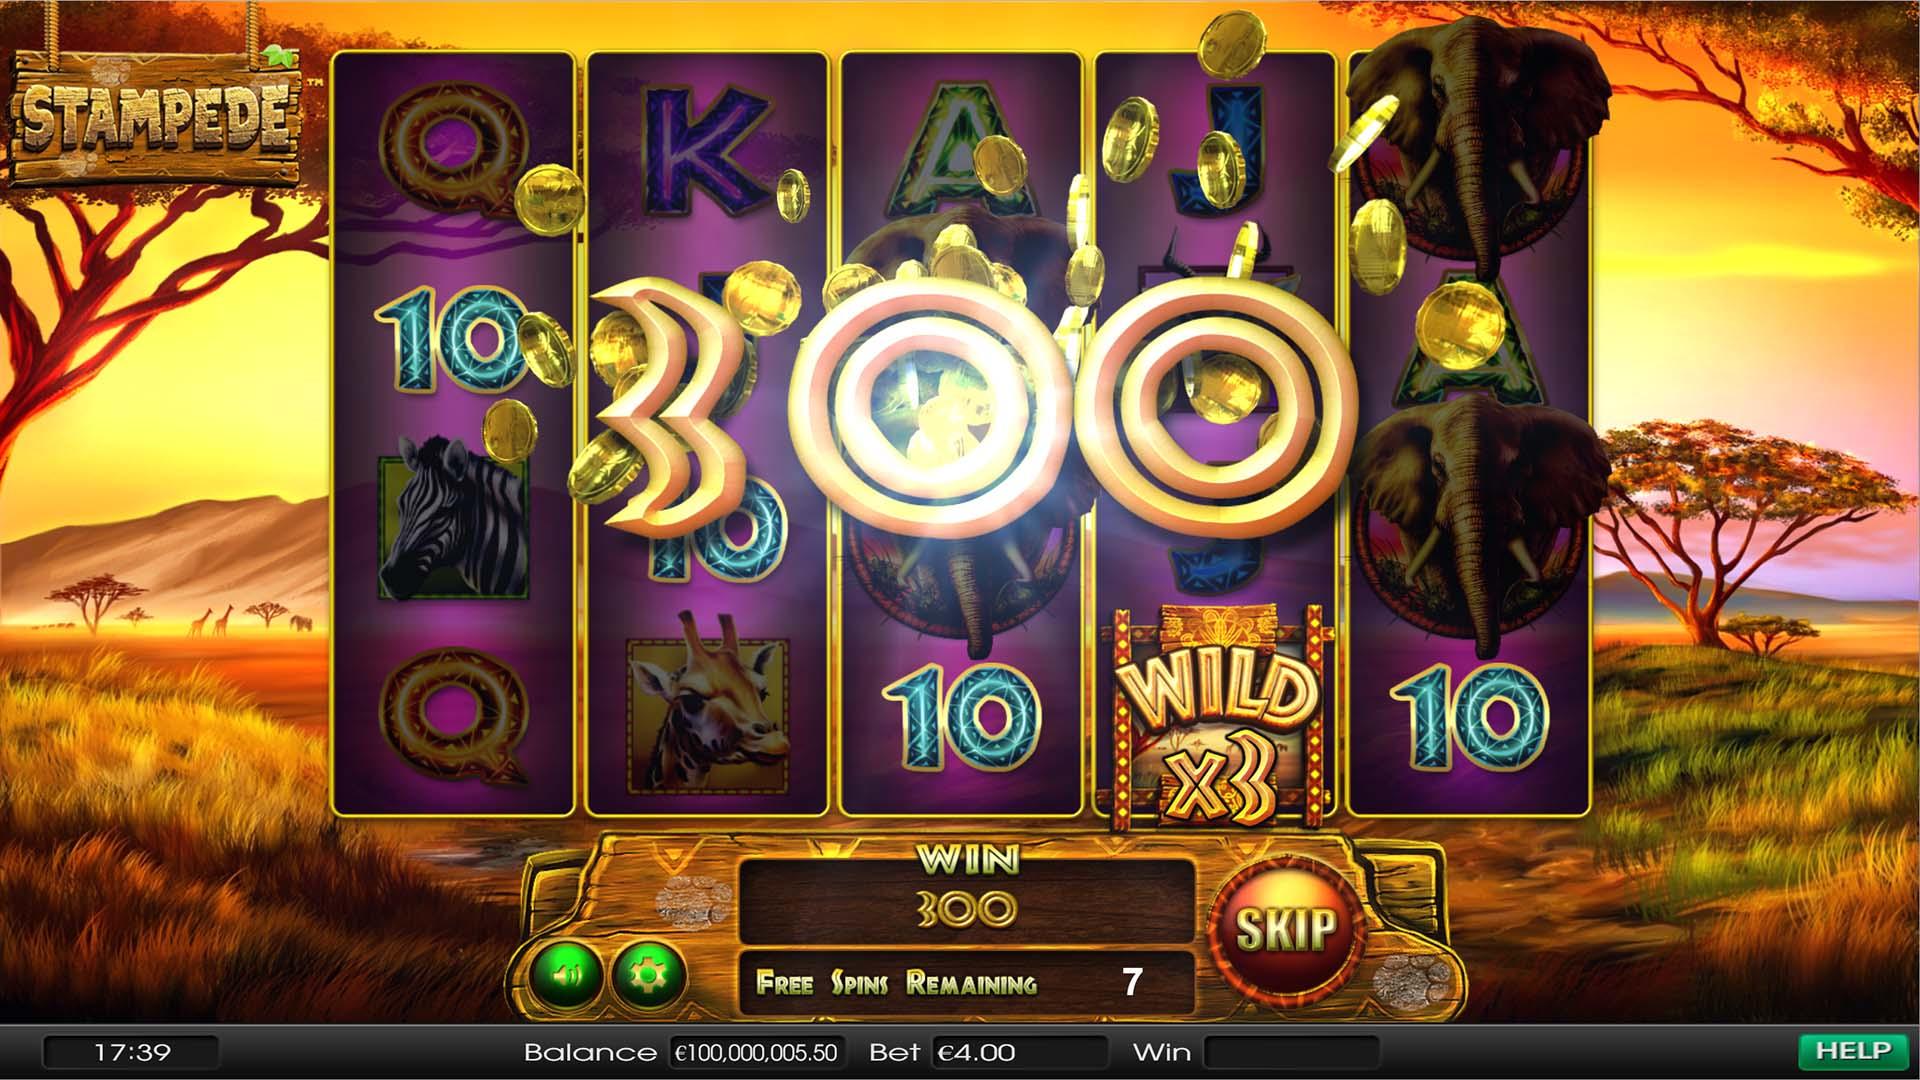 Stampede Slots Game